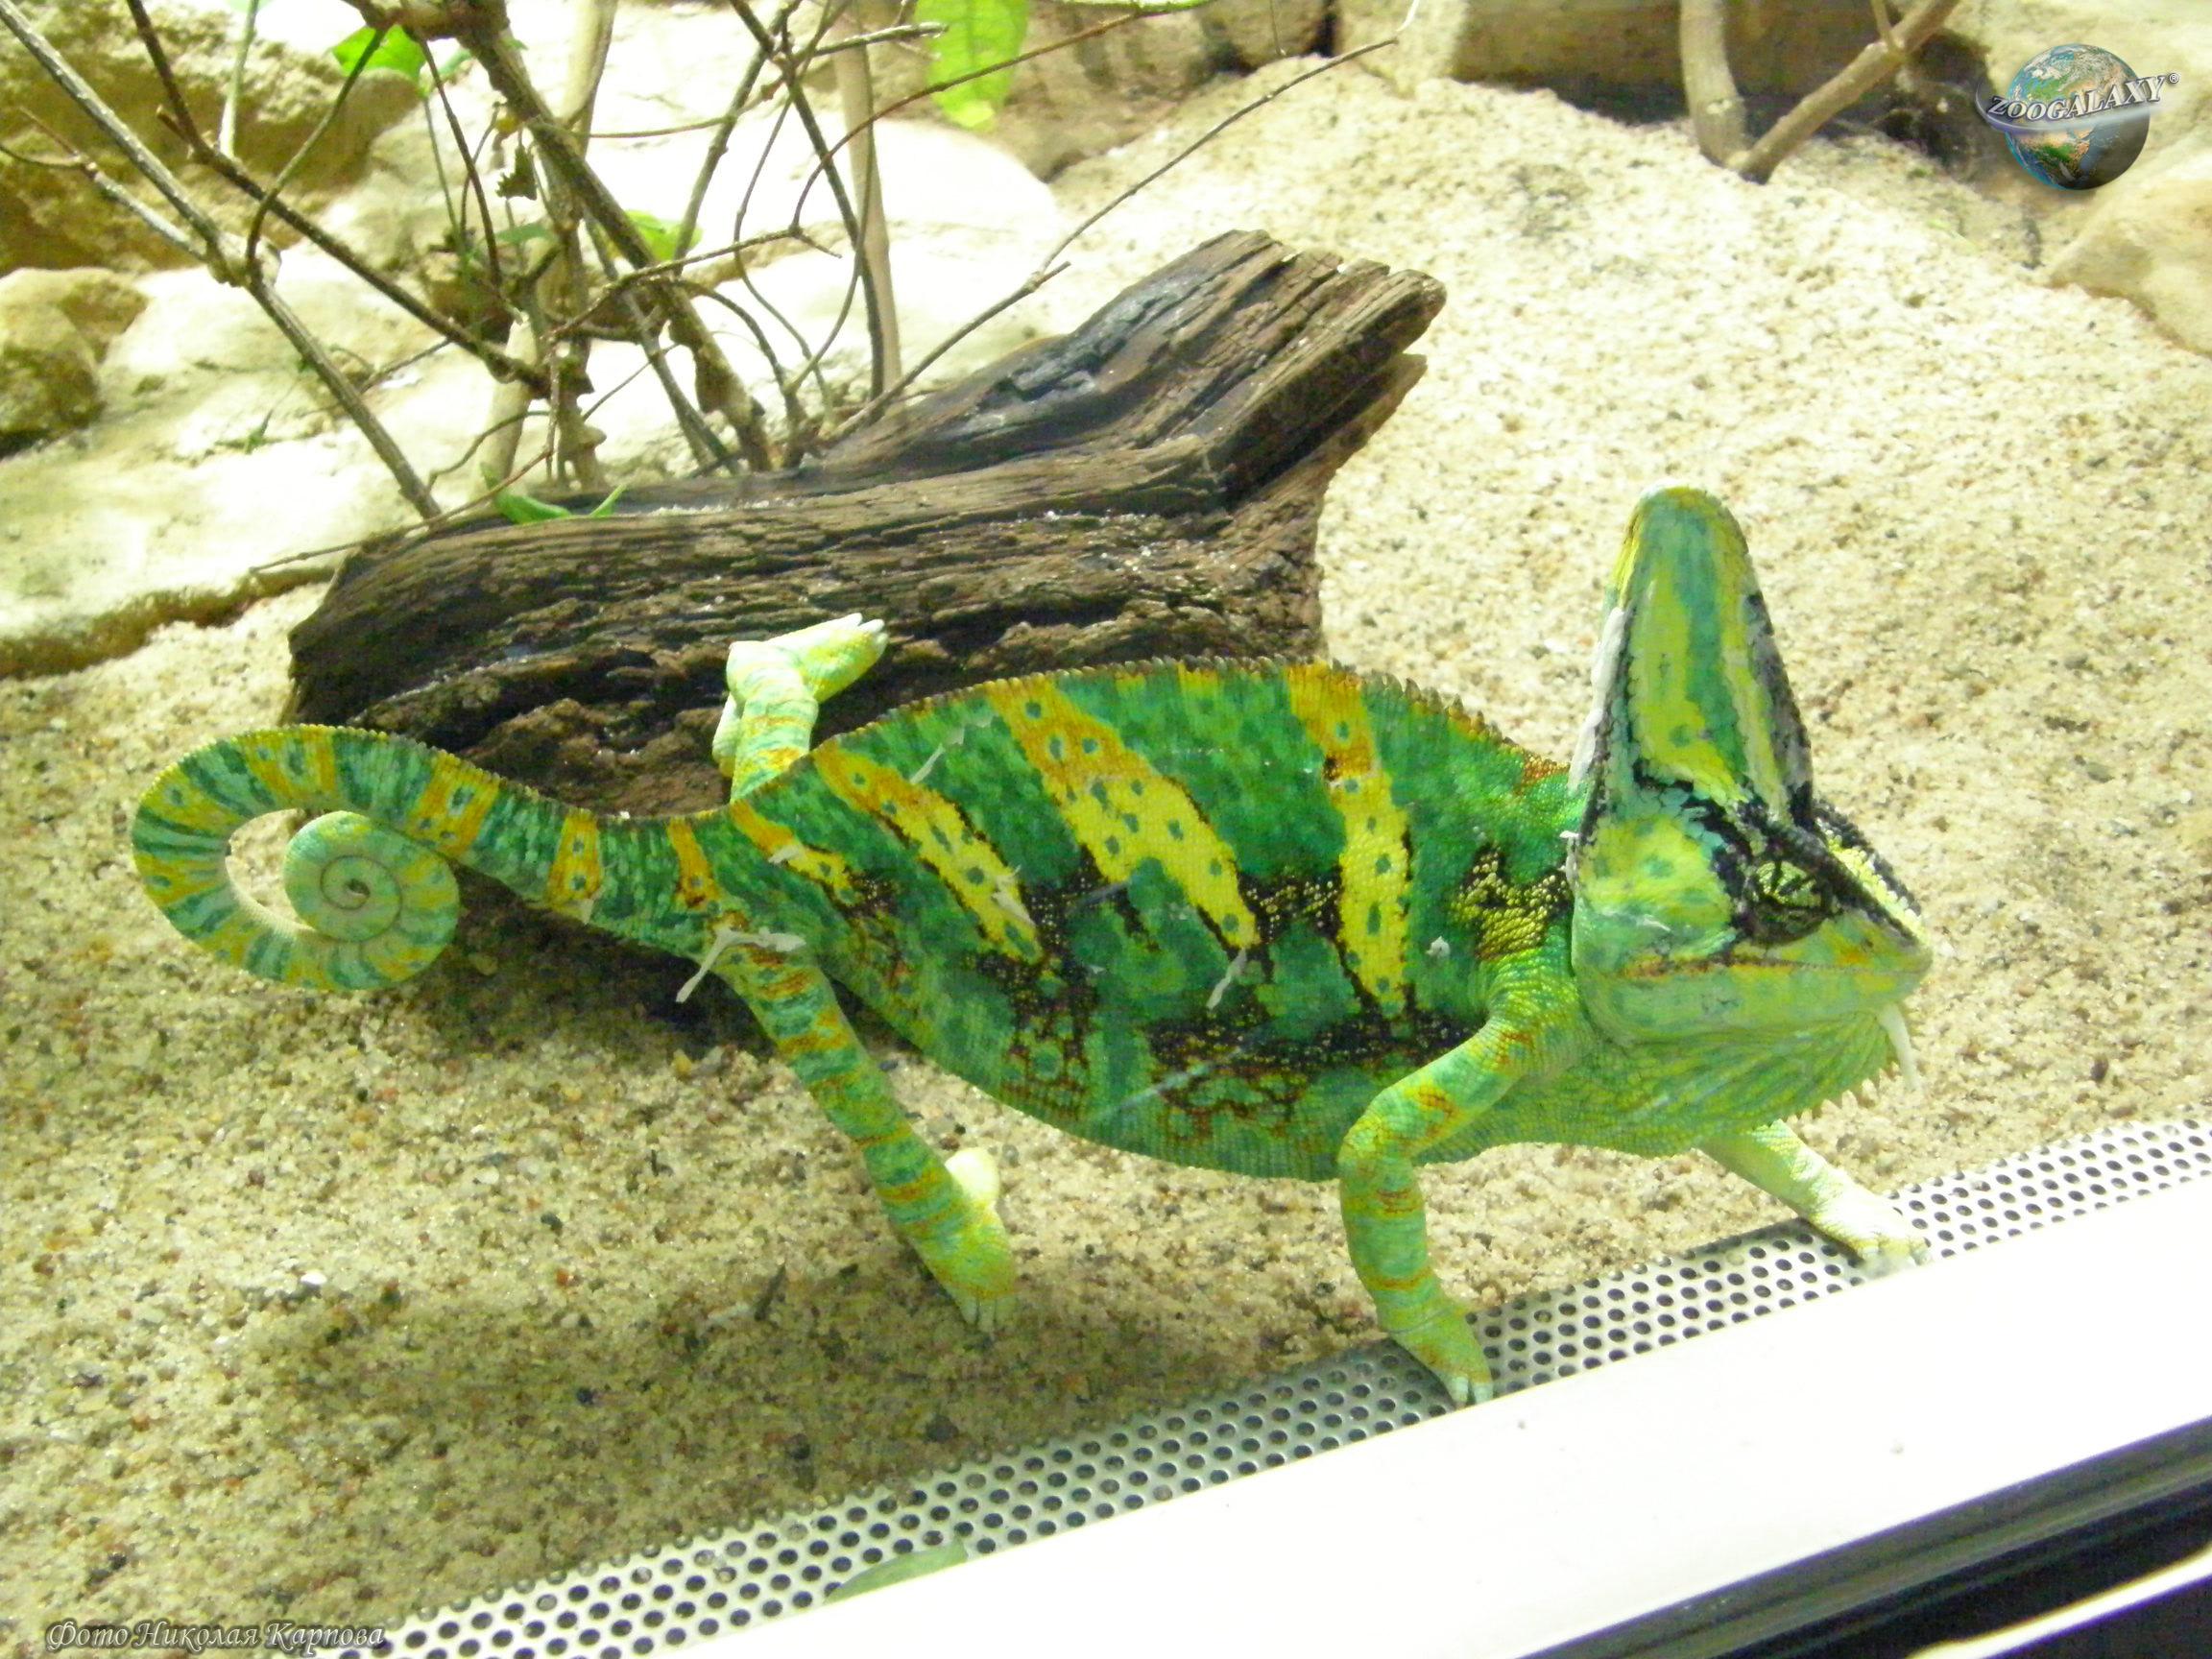 Хамелеон описание, виды, чем питается, где обитает, фото 23